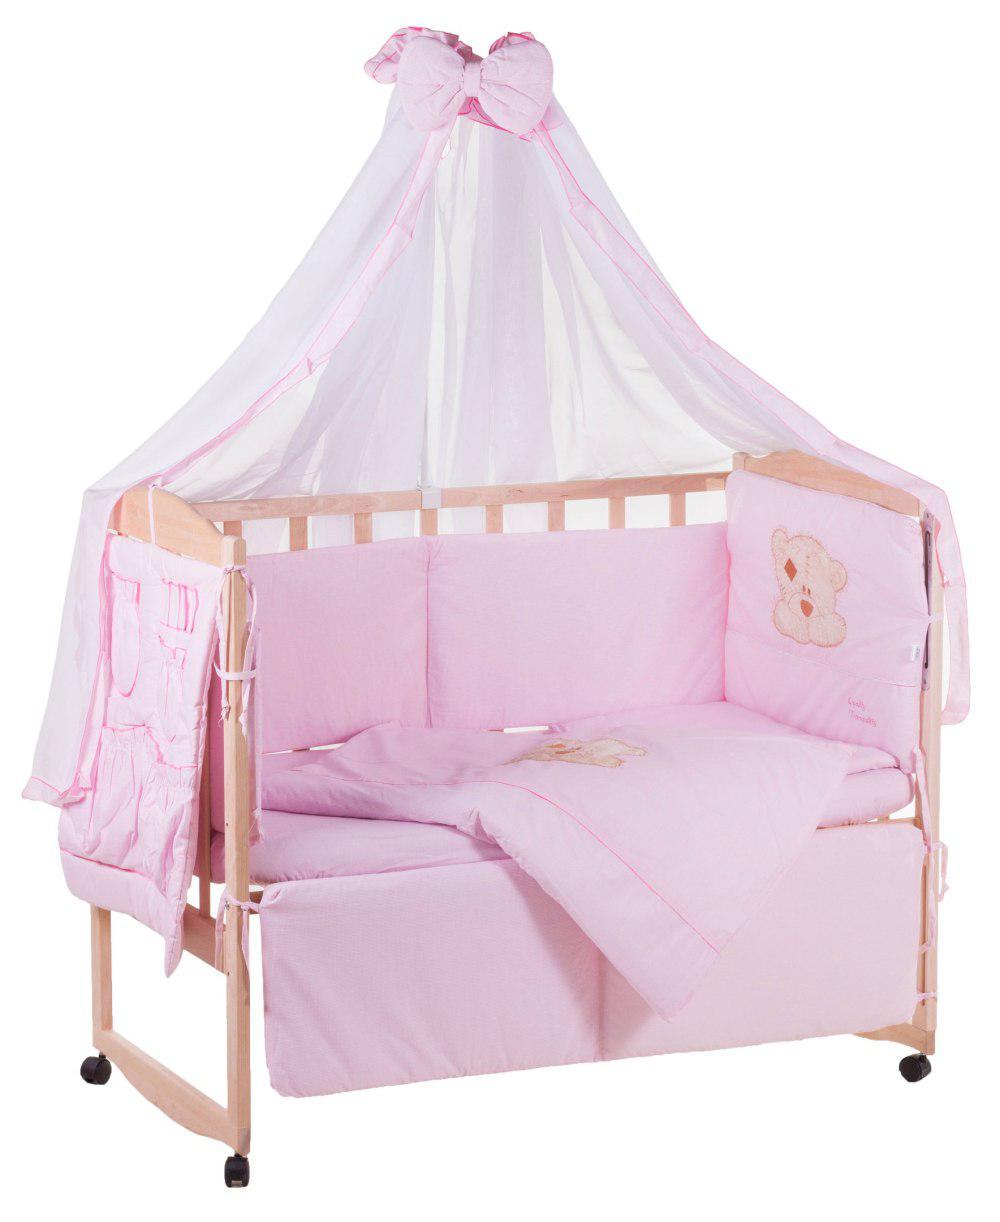 Детская постель Qvatro с аппликацией (8 элем.,со змейками на защите).  розовый (мишка мордочка штопанная капучино)